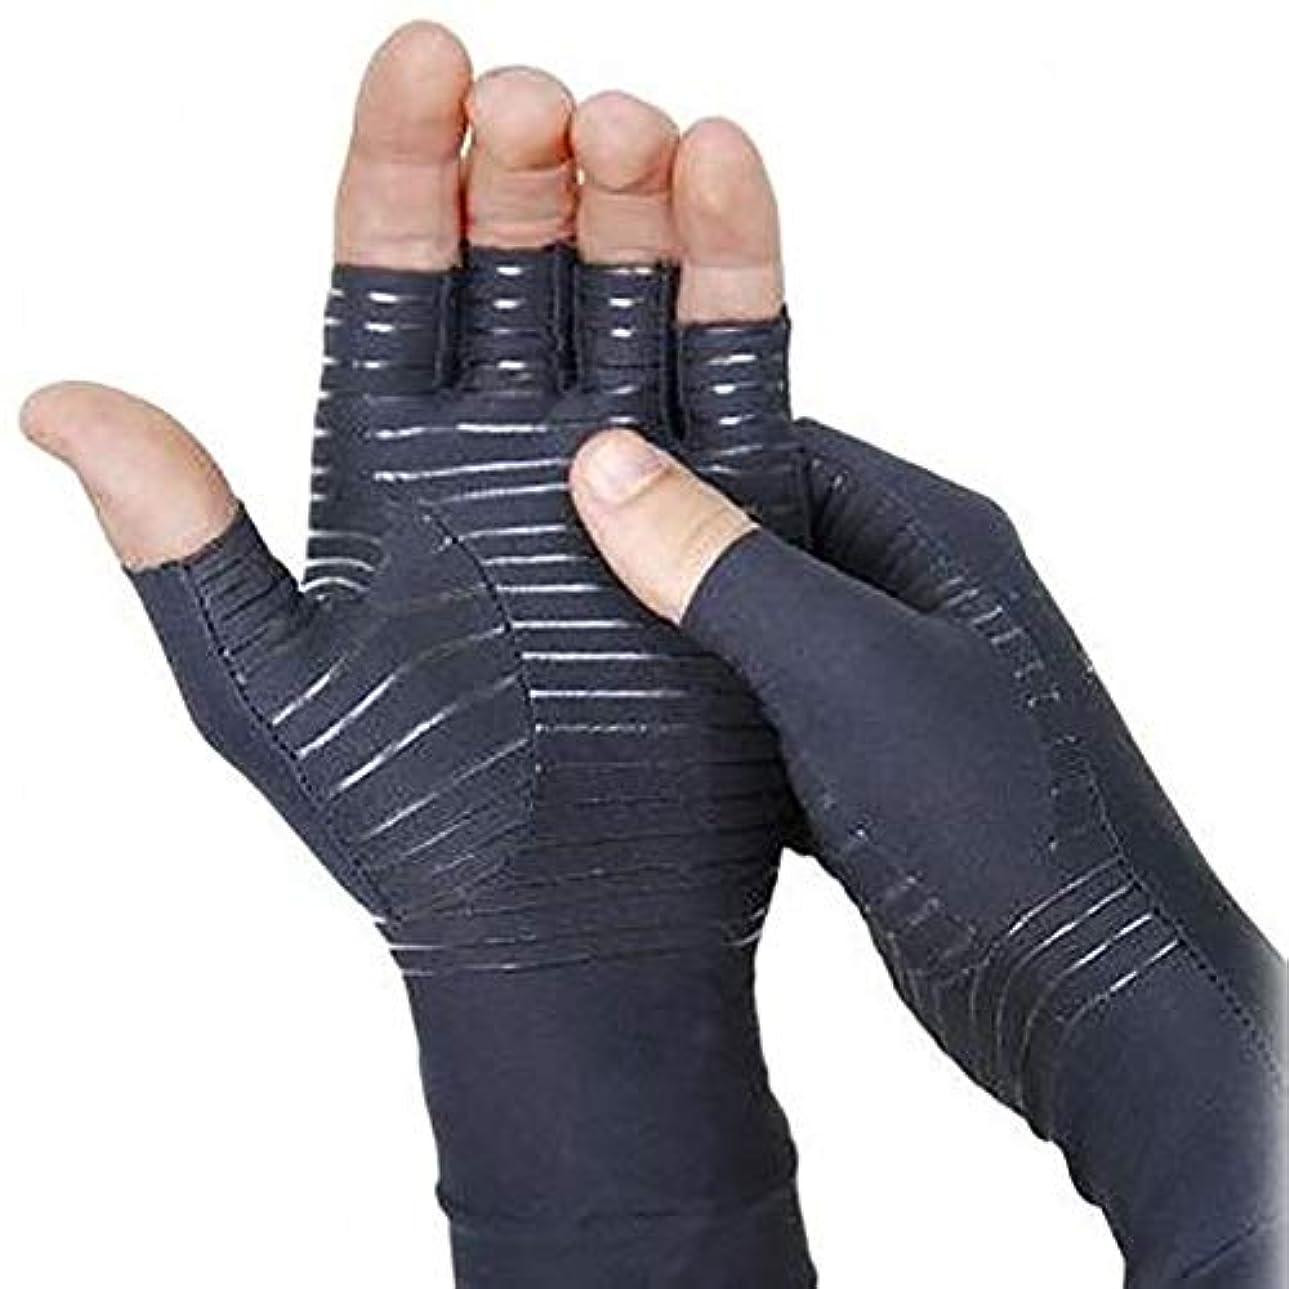 軽軽味わうBOBORA 関節炎手袋 着圧手袋 指なし手袋 着圧引き締め 銅イオン繊維 関節ストレス 手首サポーター スライドタッチ手袋 男女共用 1ペア入り